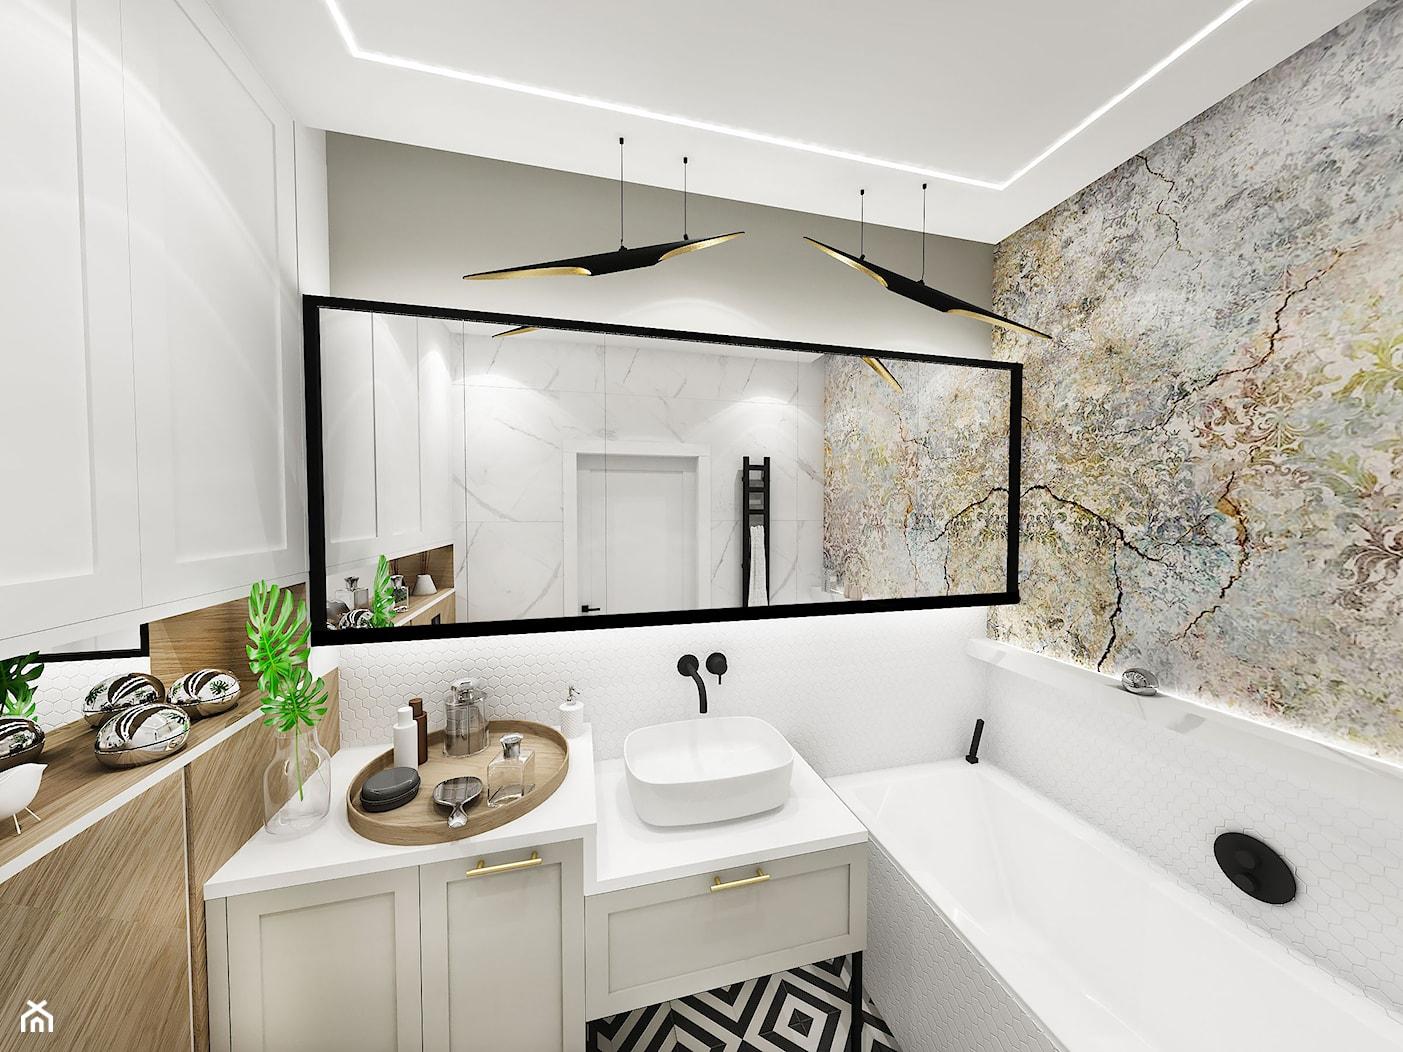 PROJEKT ŁAZIENKI - 6m2 - Średnia łazienka w bloku w domu jednorodzinnym bez okna, styl vintage - zdjęcie od BIBI - Homebook